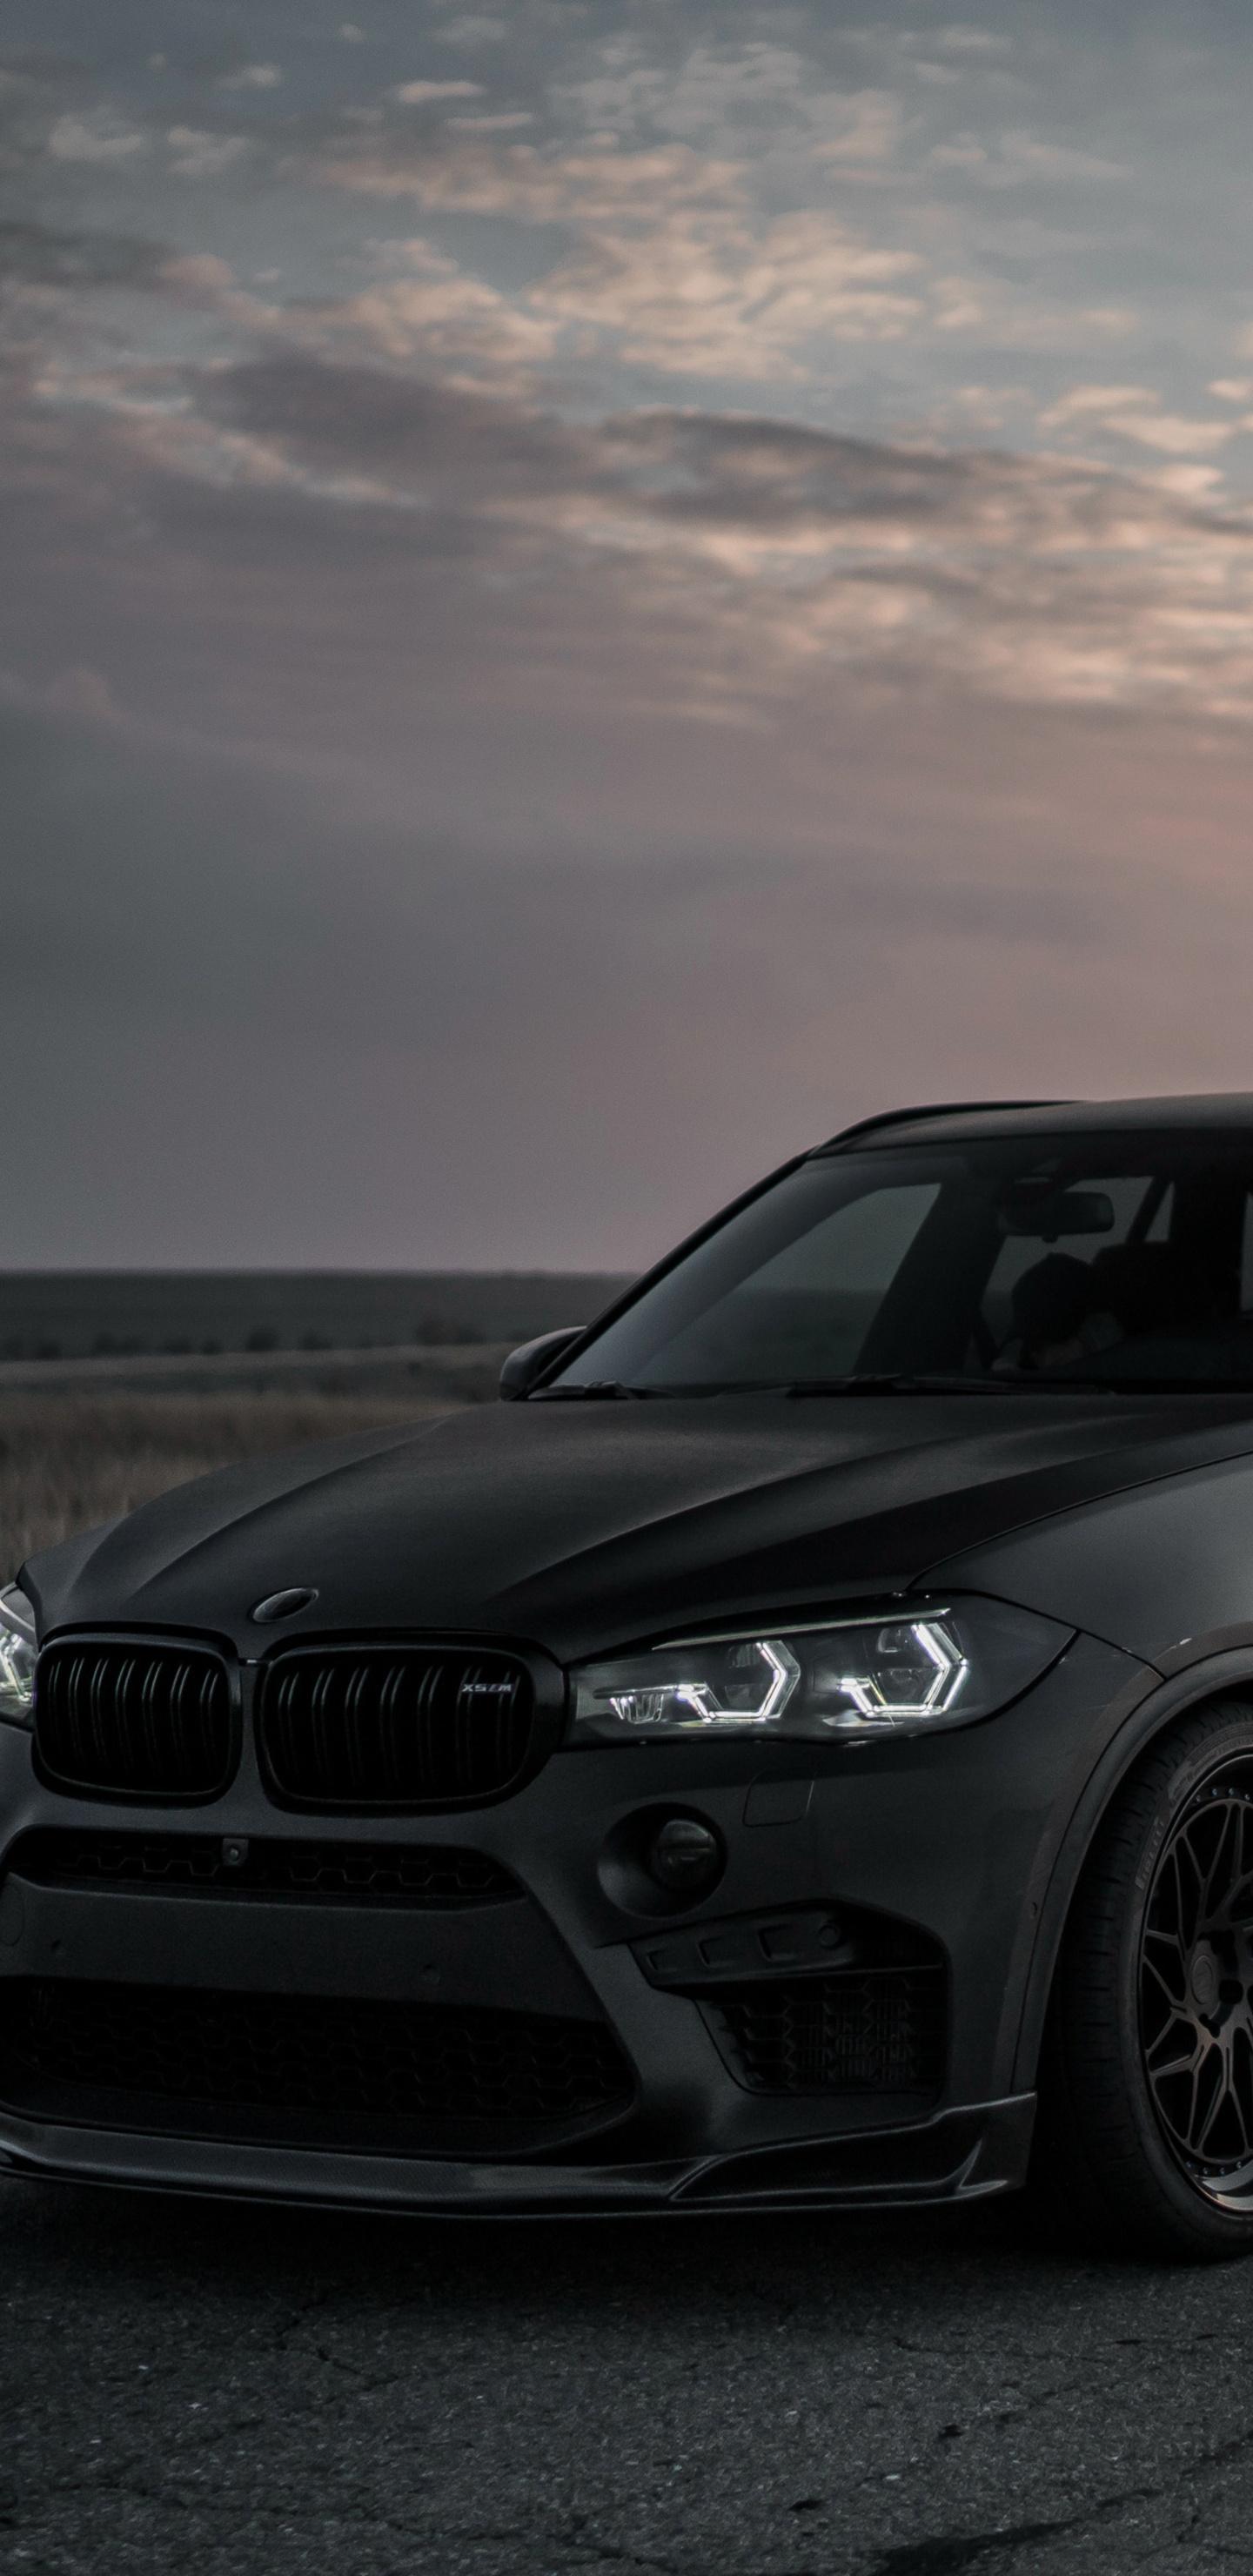 1440x2960 Z Performance BMW X5 4k Samsung Galaxy Note 9,8 ...